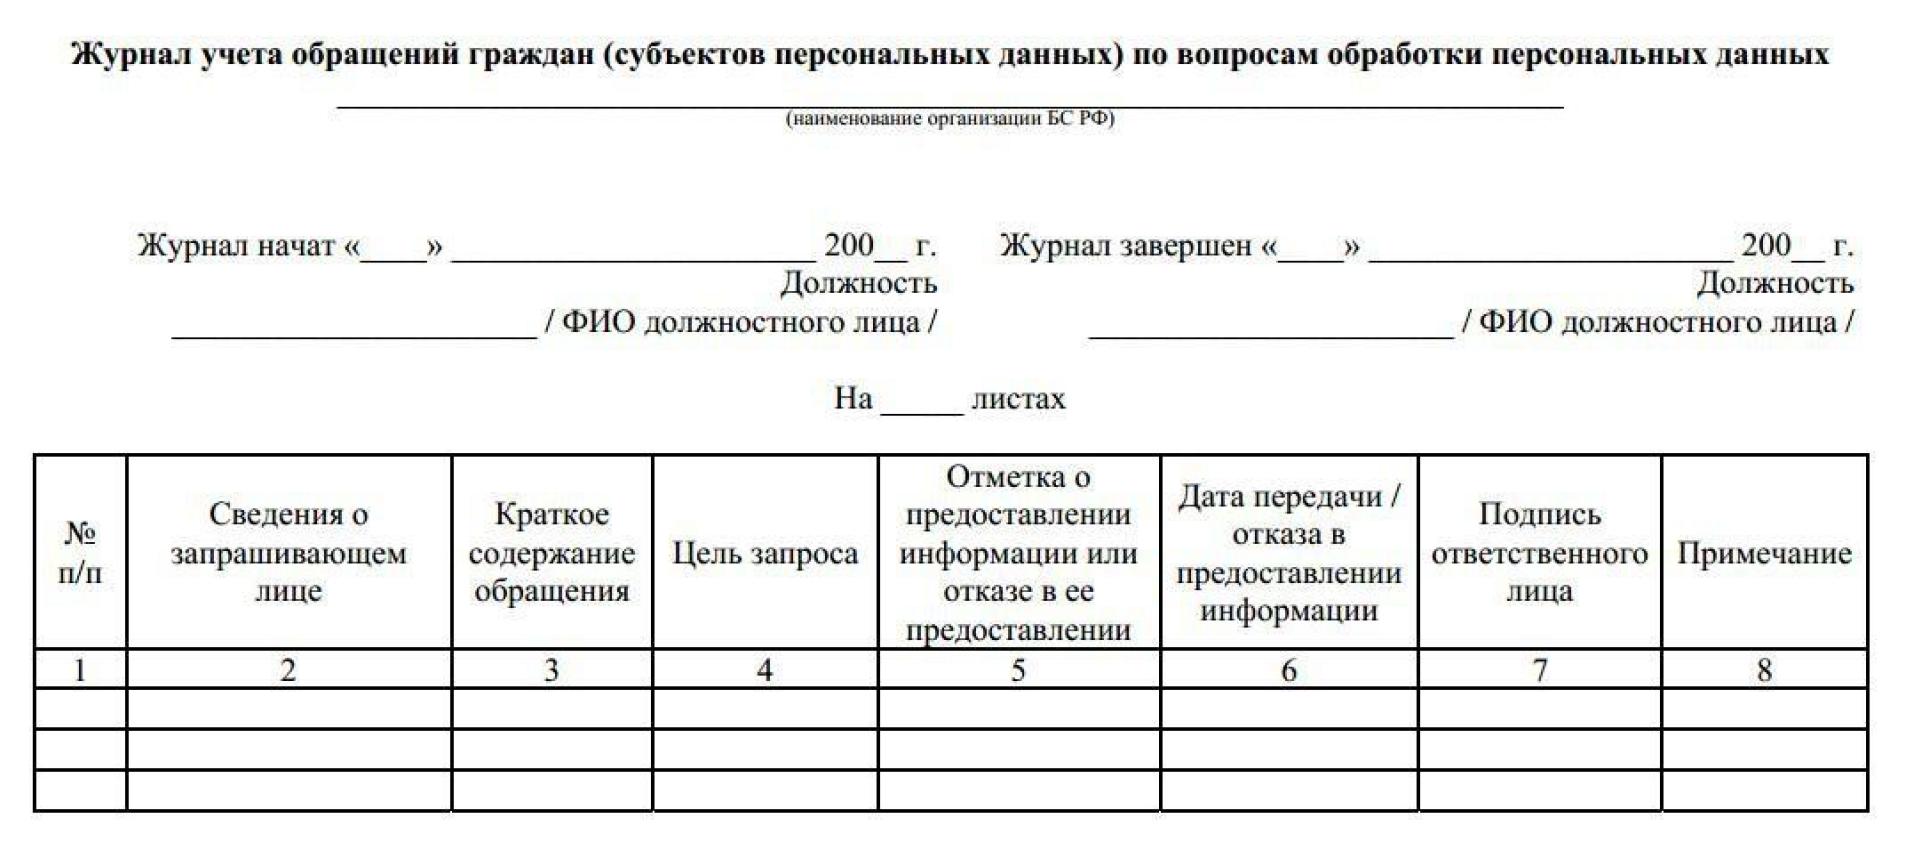 Журнал регистрации личного приема граждан в доу приказ о хранение медицинских книжек